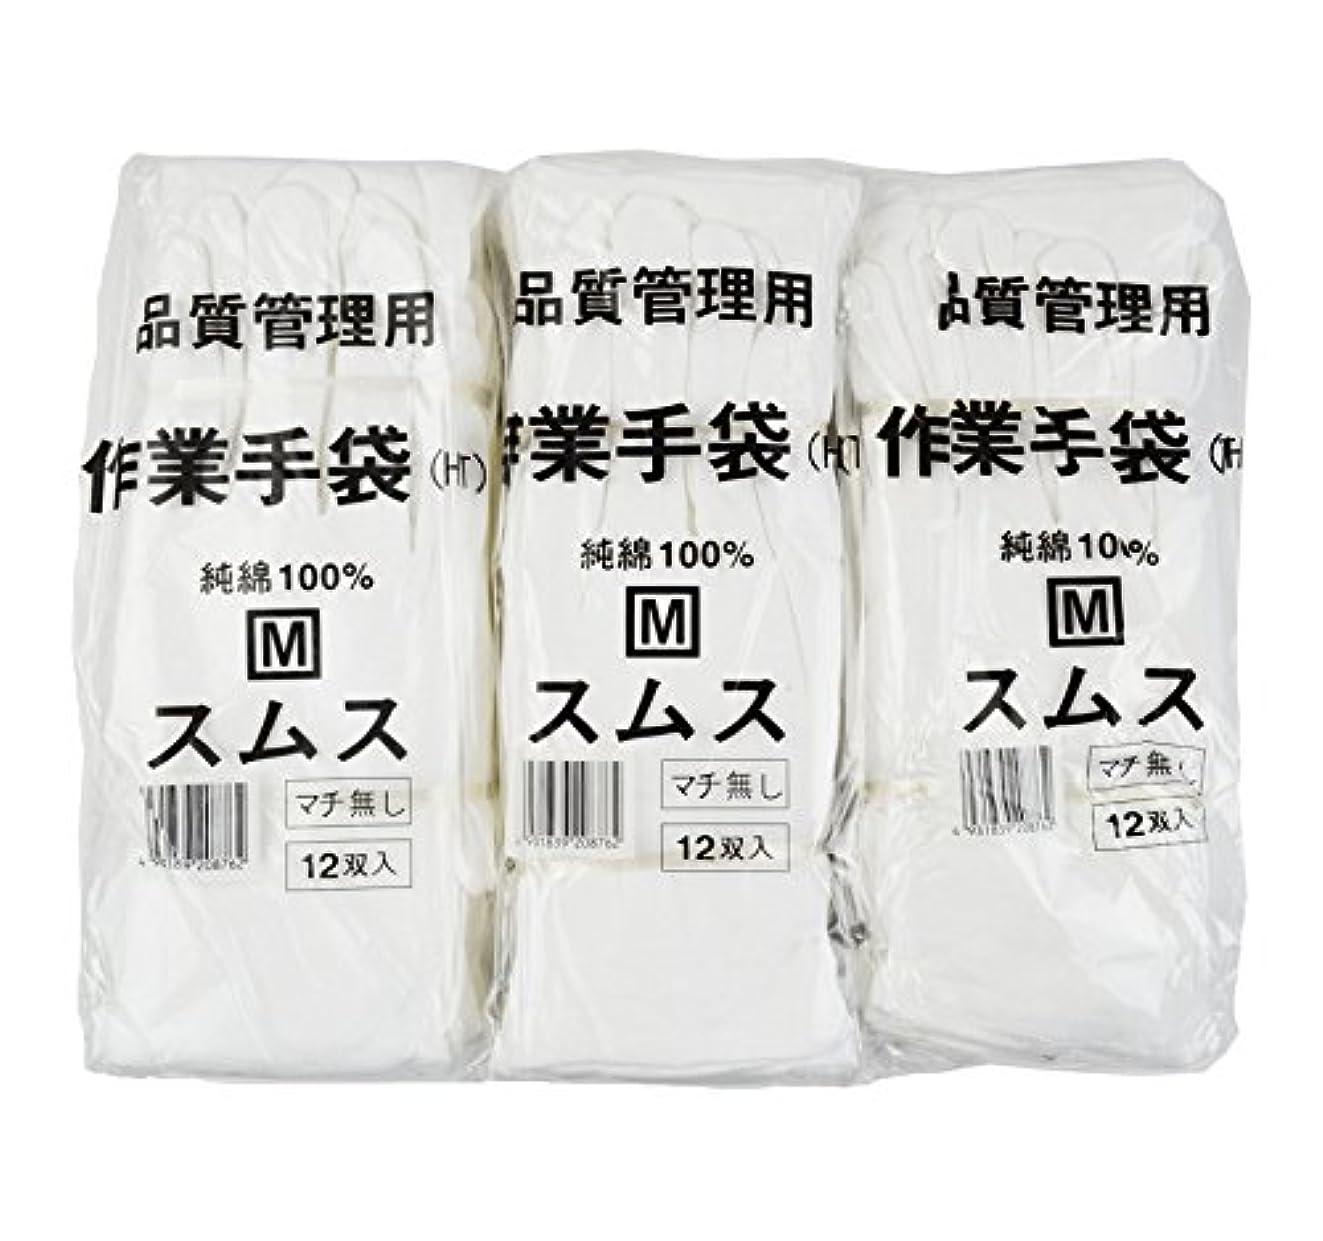 靴下高齢者召集する【お得なセット売り】 (36双) 純綿100% スムス 手袋 Mサイズ 12双×3袋セット 多用途 作業手袋 101116